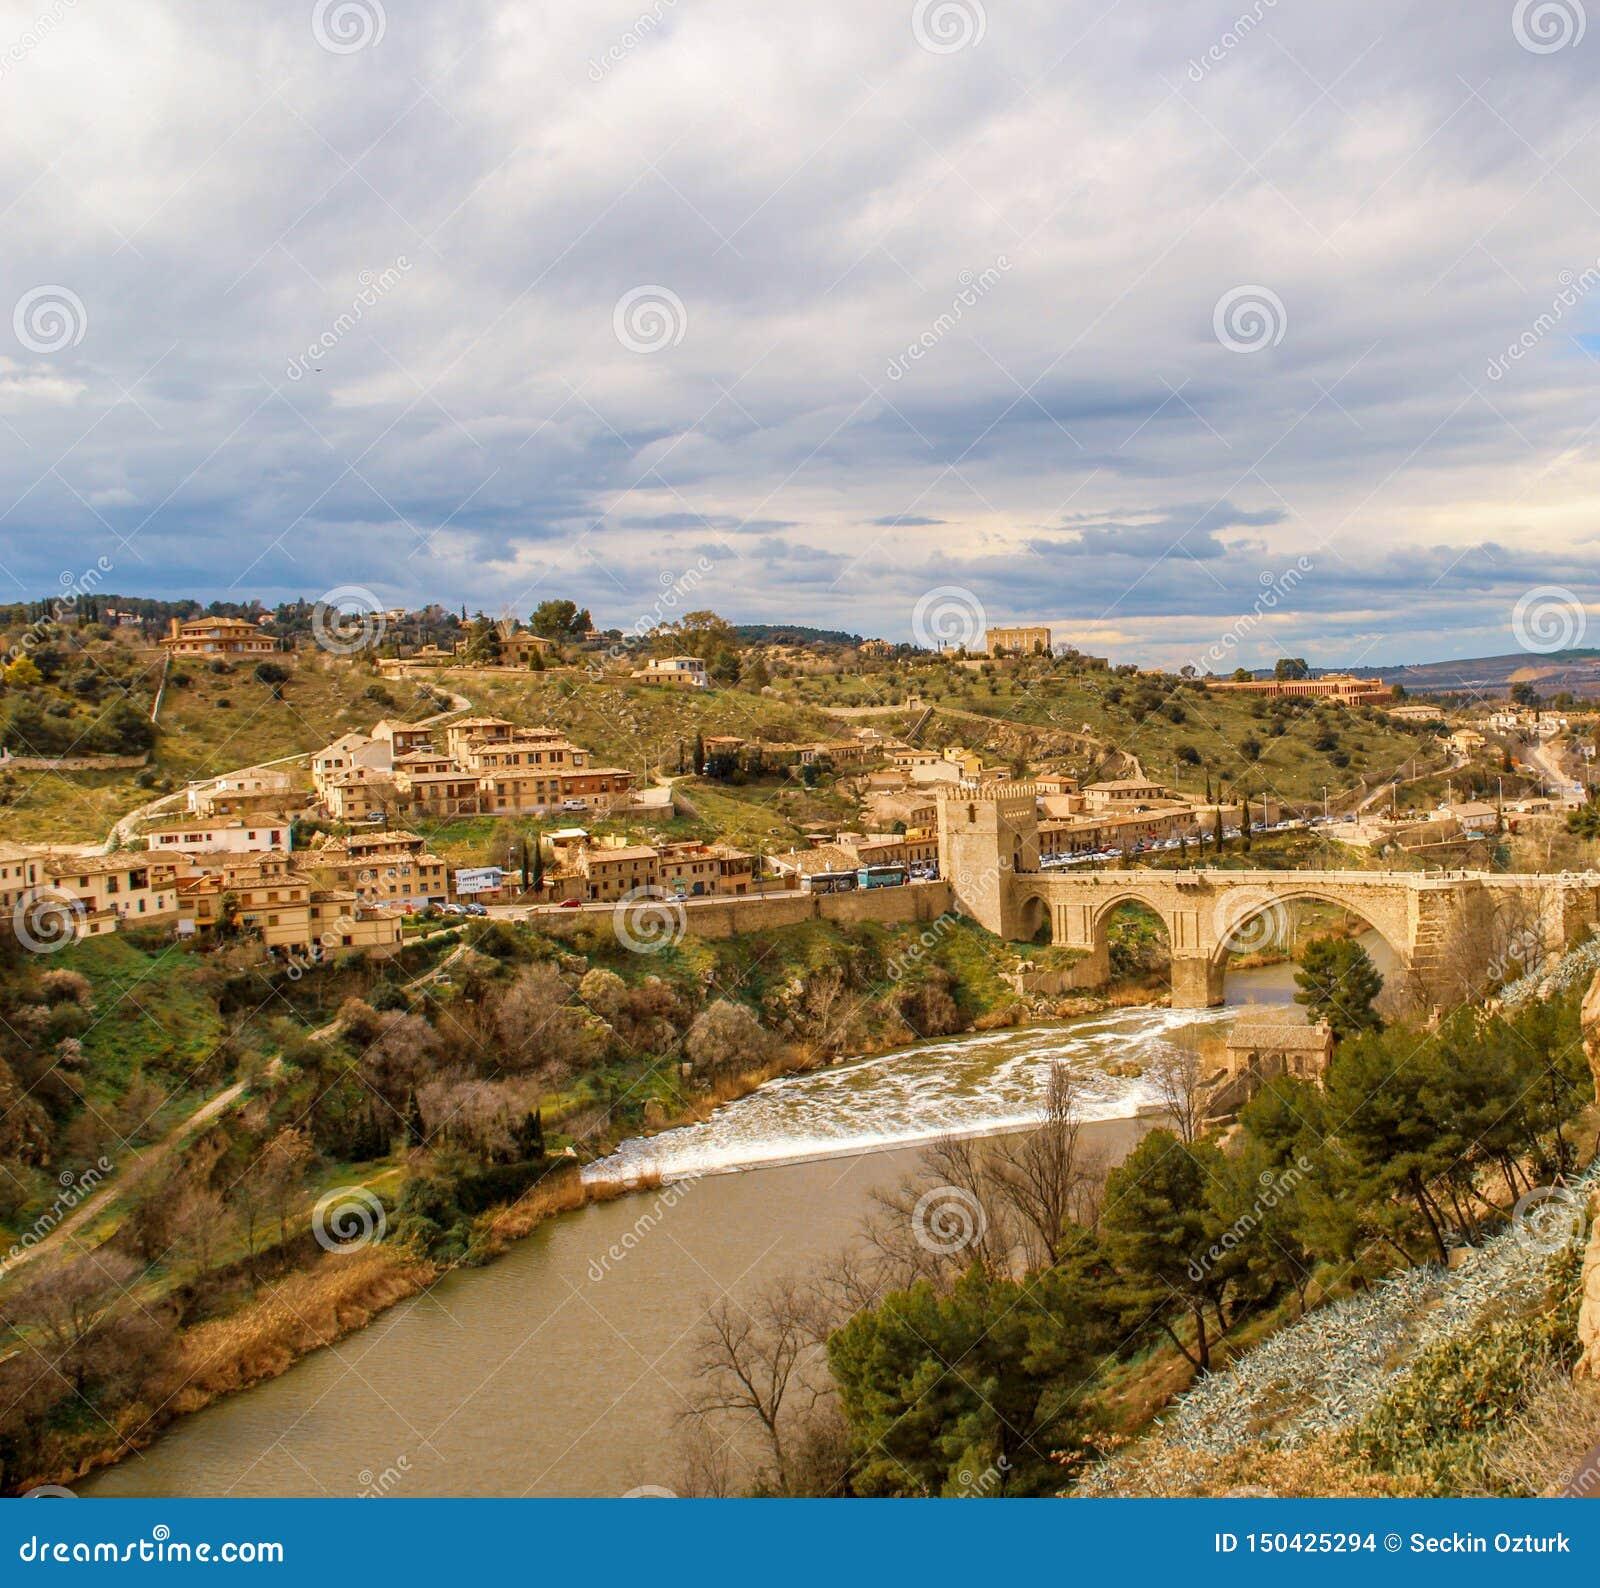 Tajo River from above in Toledo city, Spain